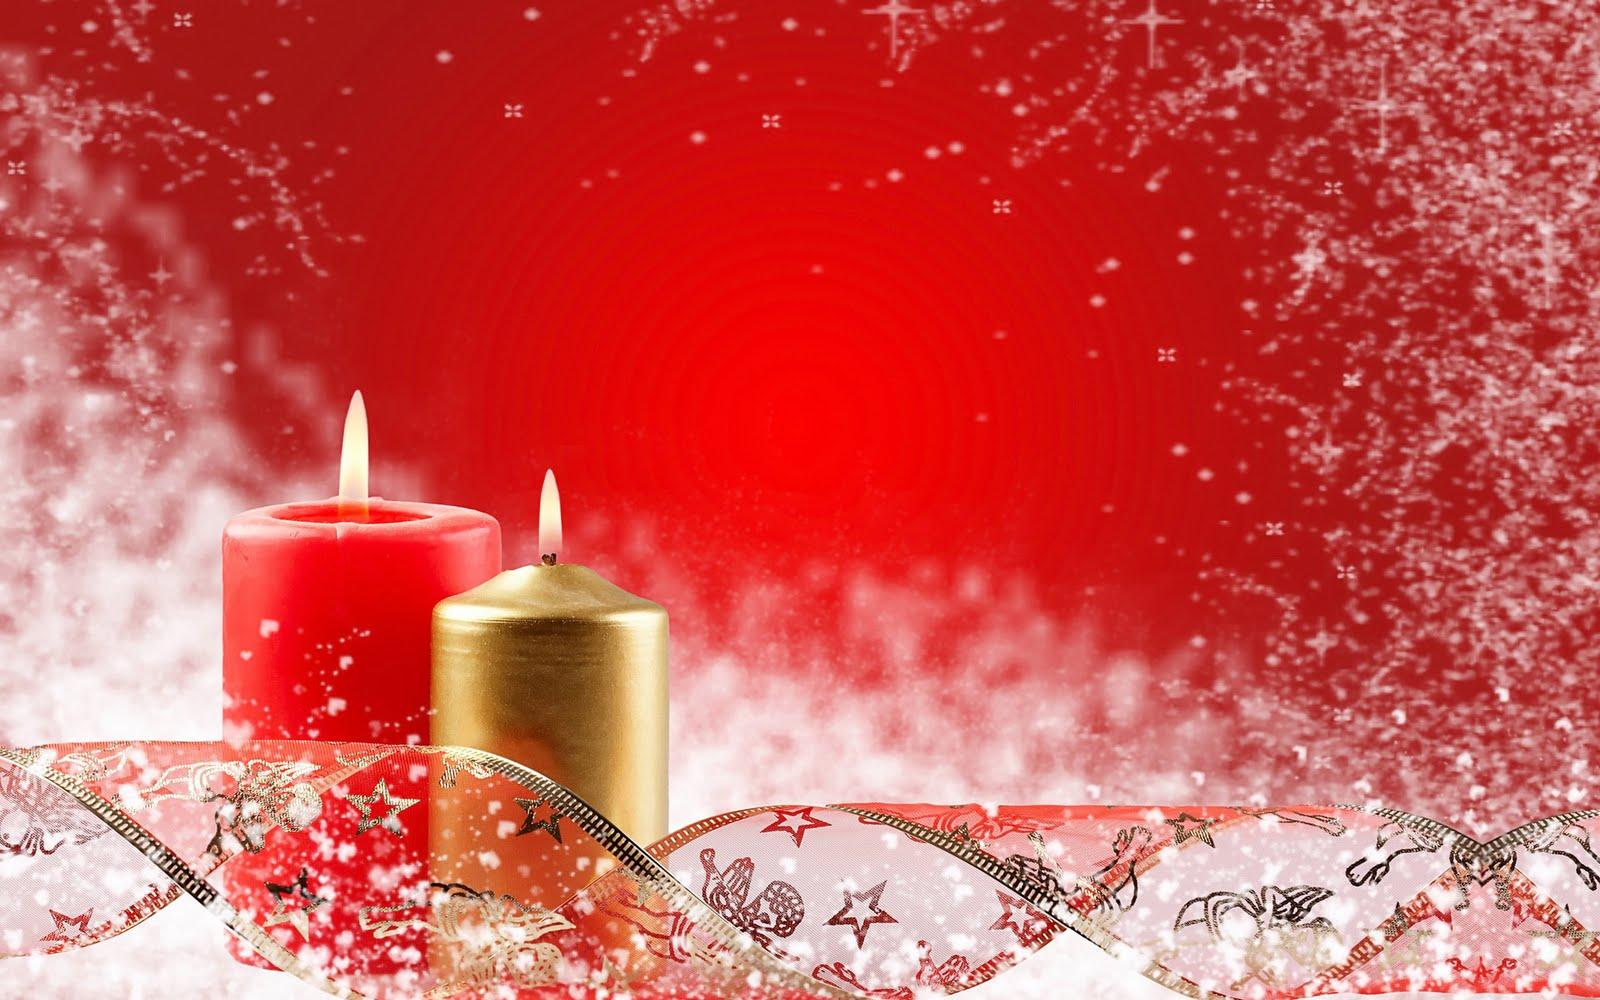 Wallpapers para Navidad y Fin de Año IV (20 imágenes)